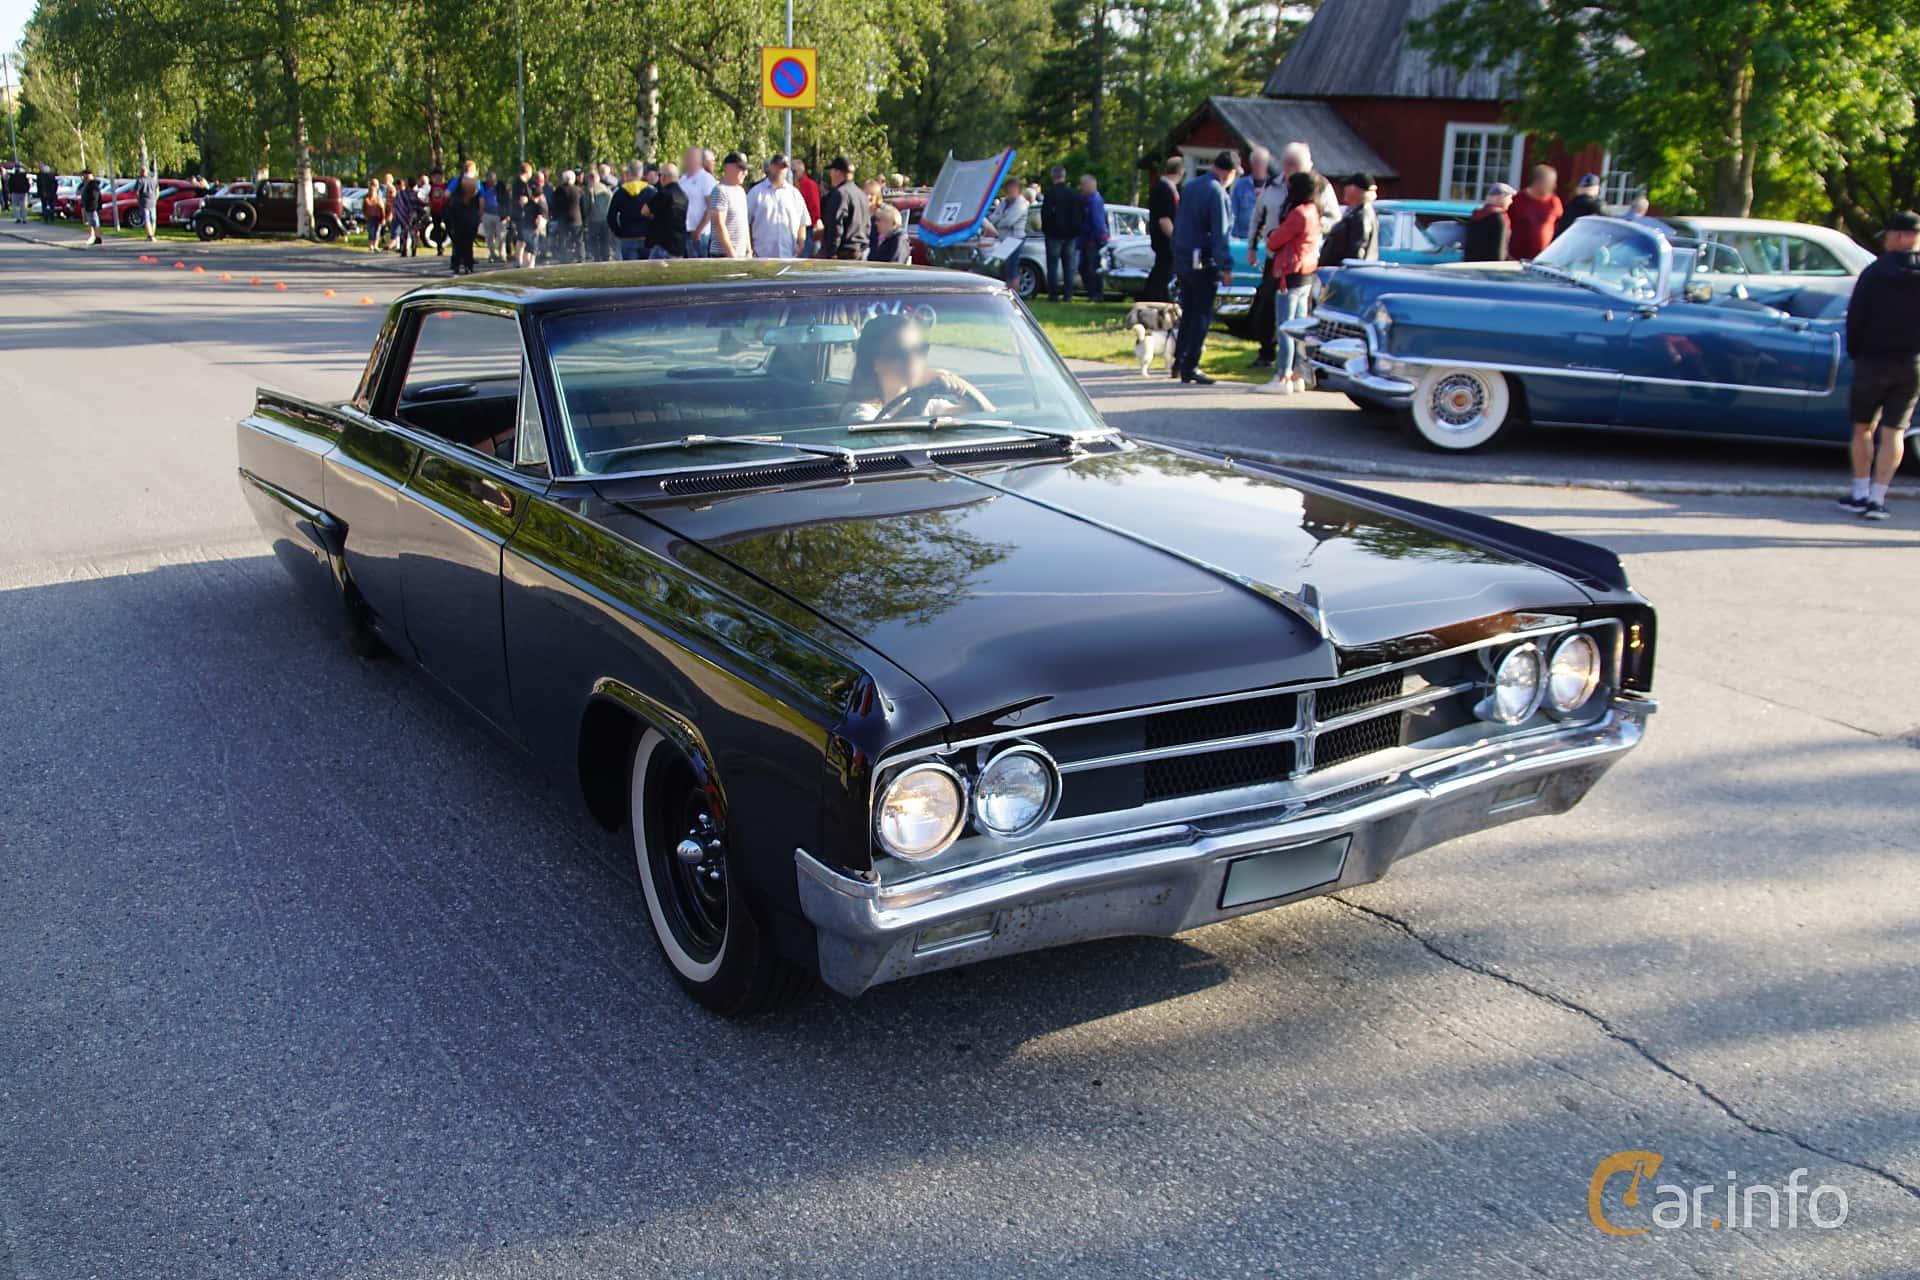 Oldsmobile Dynamic 88 Holiday Sedan 6.5 V8 Manual, 284hp, 1963 at Onsdagsträffar på Gammlia Umeå 2019 vecka 28